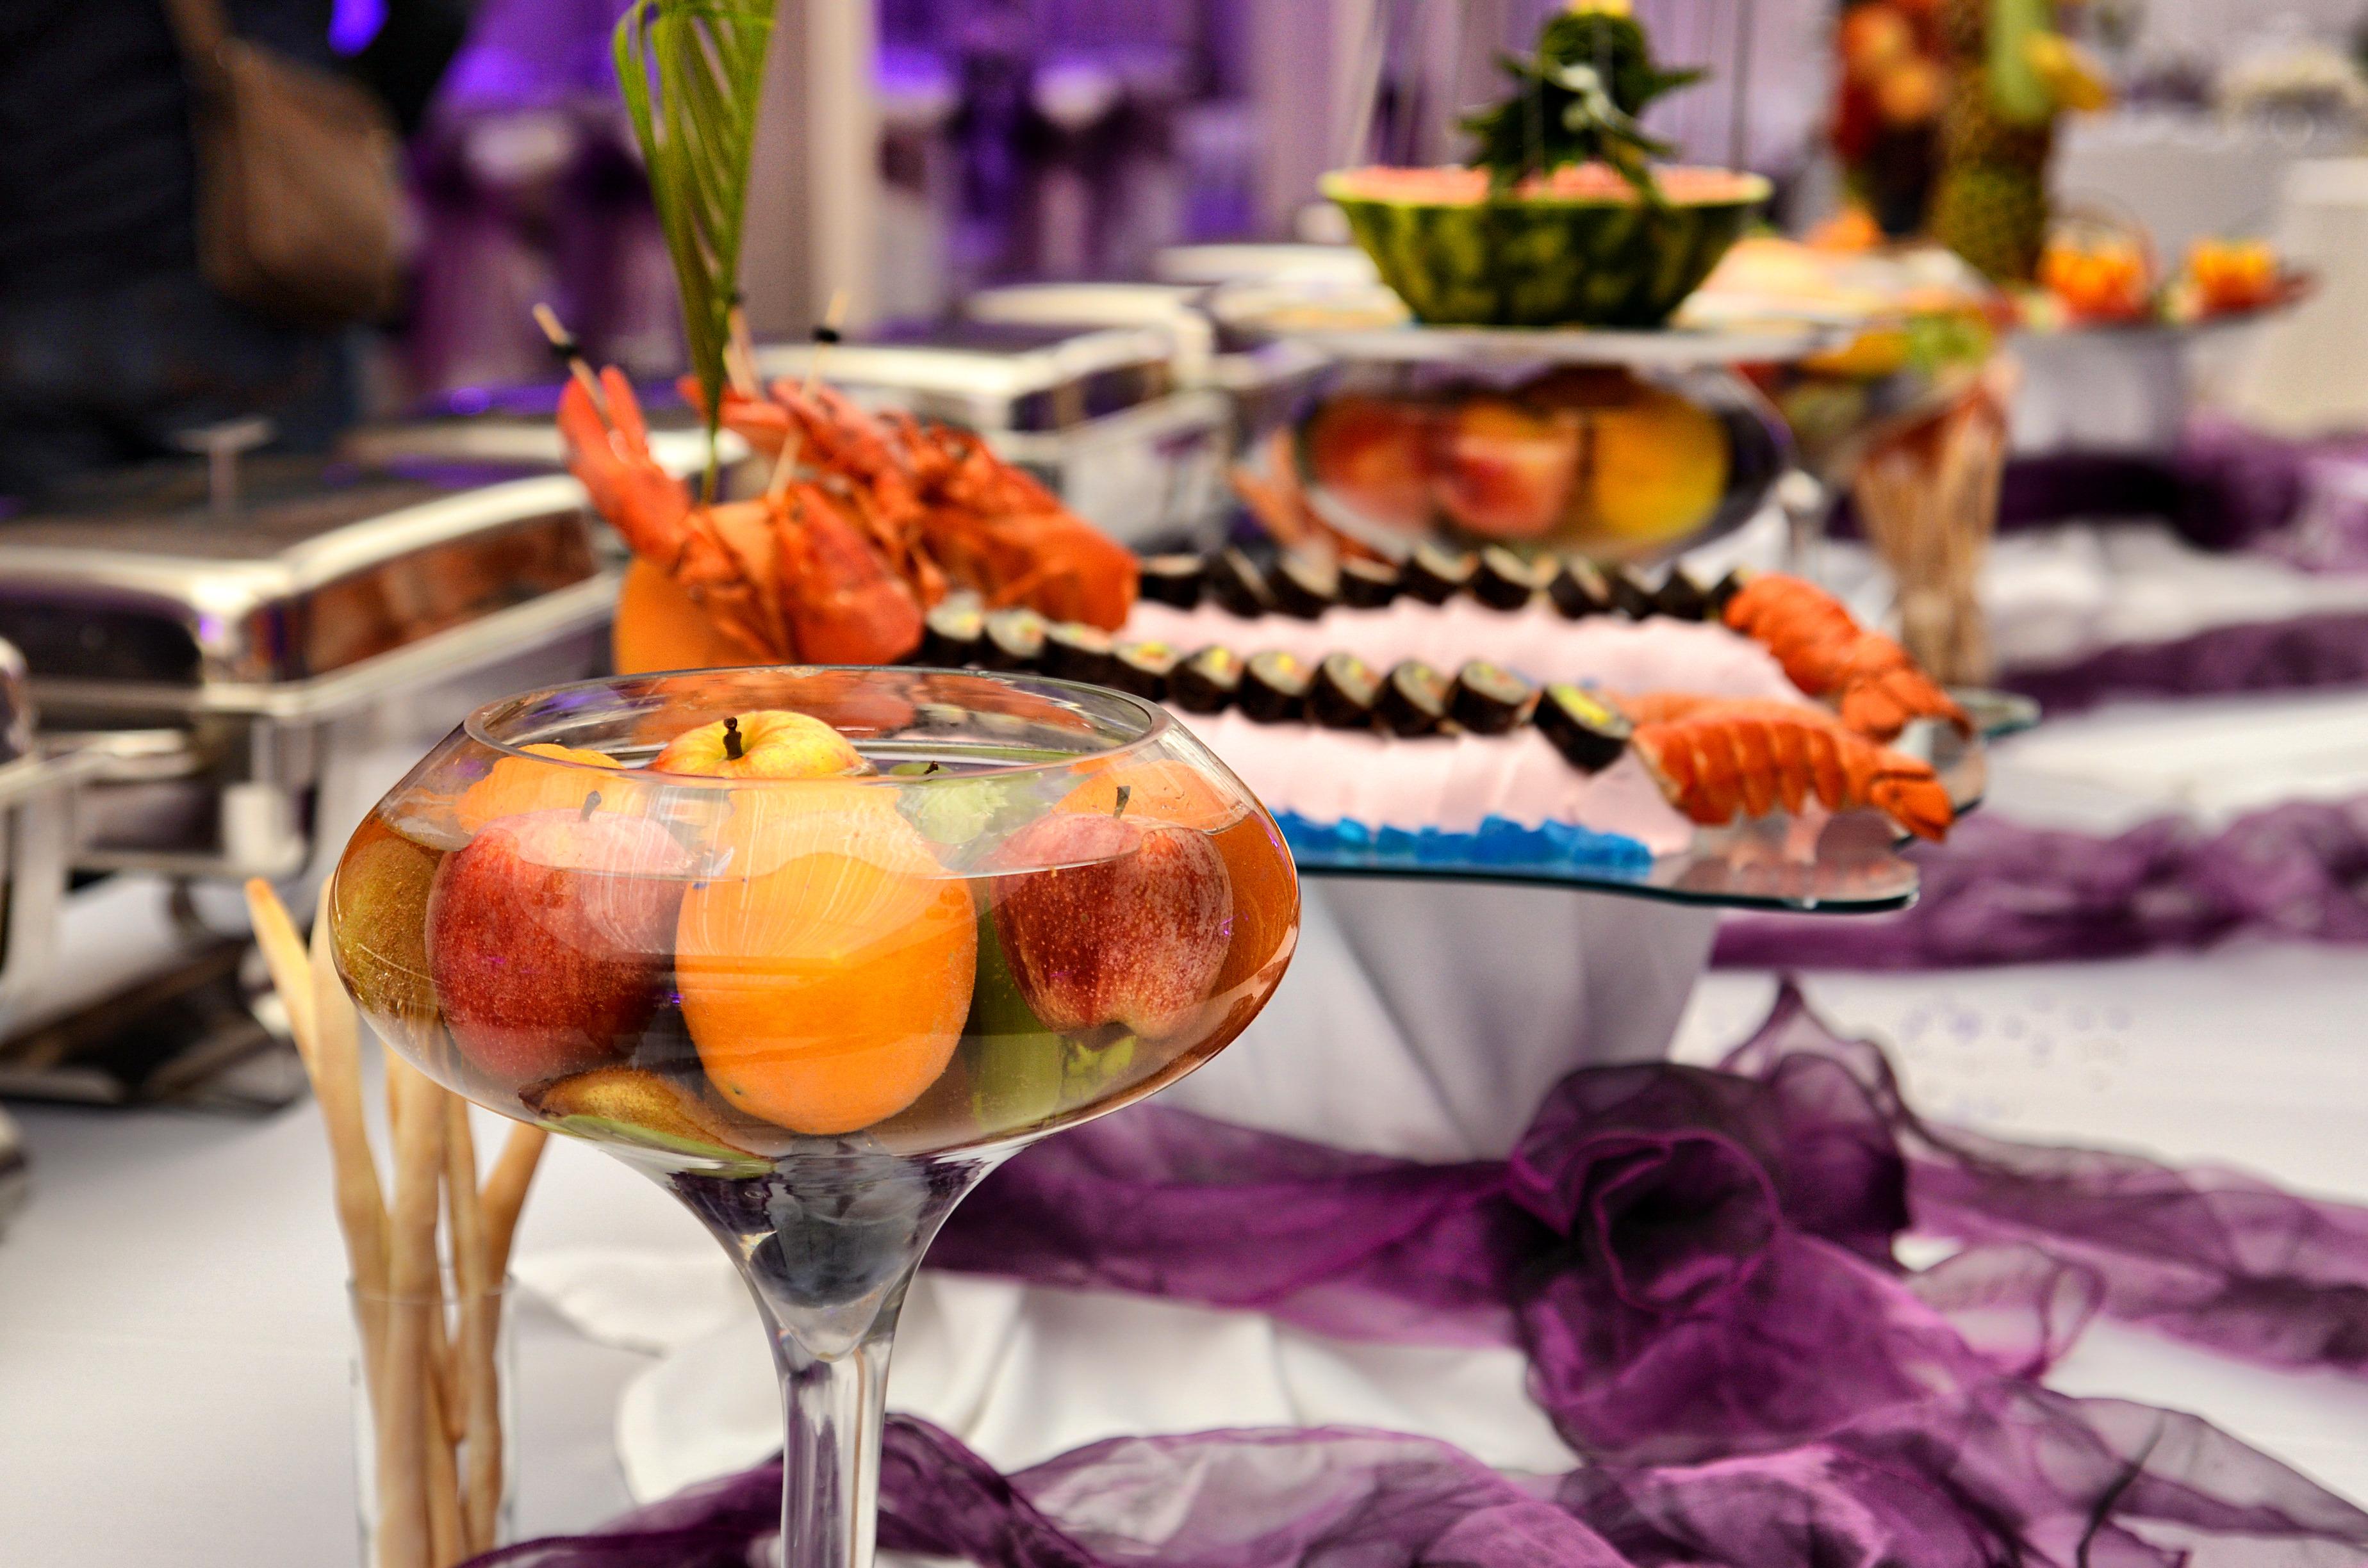 Hrana-dekoracije-2016-090